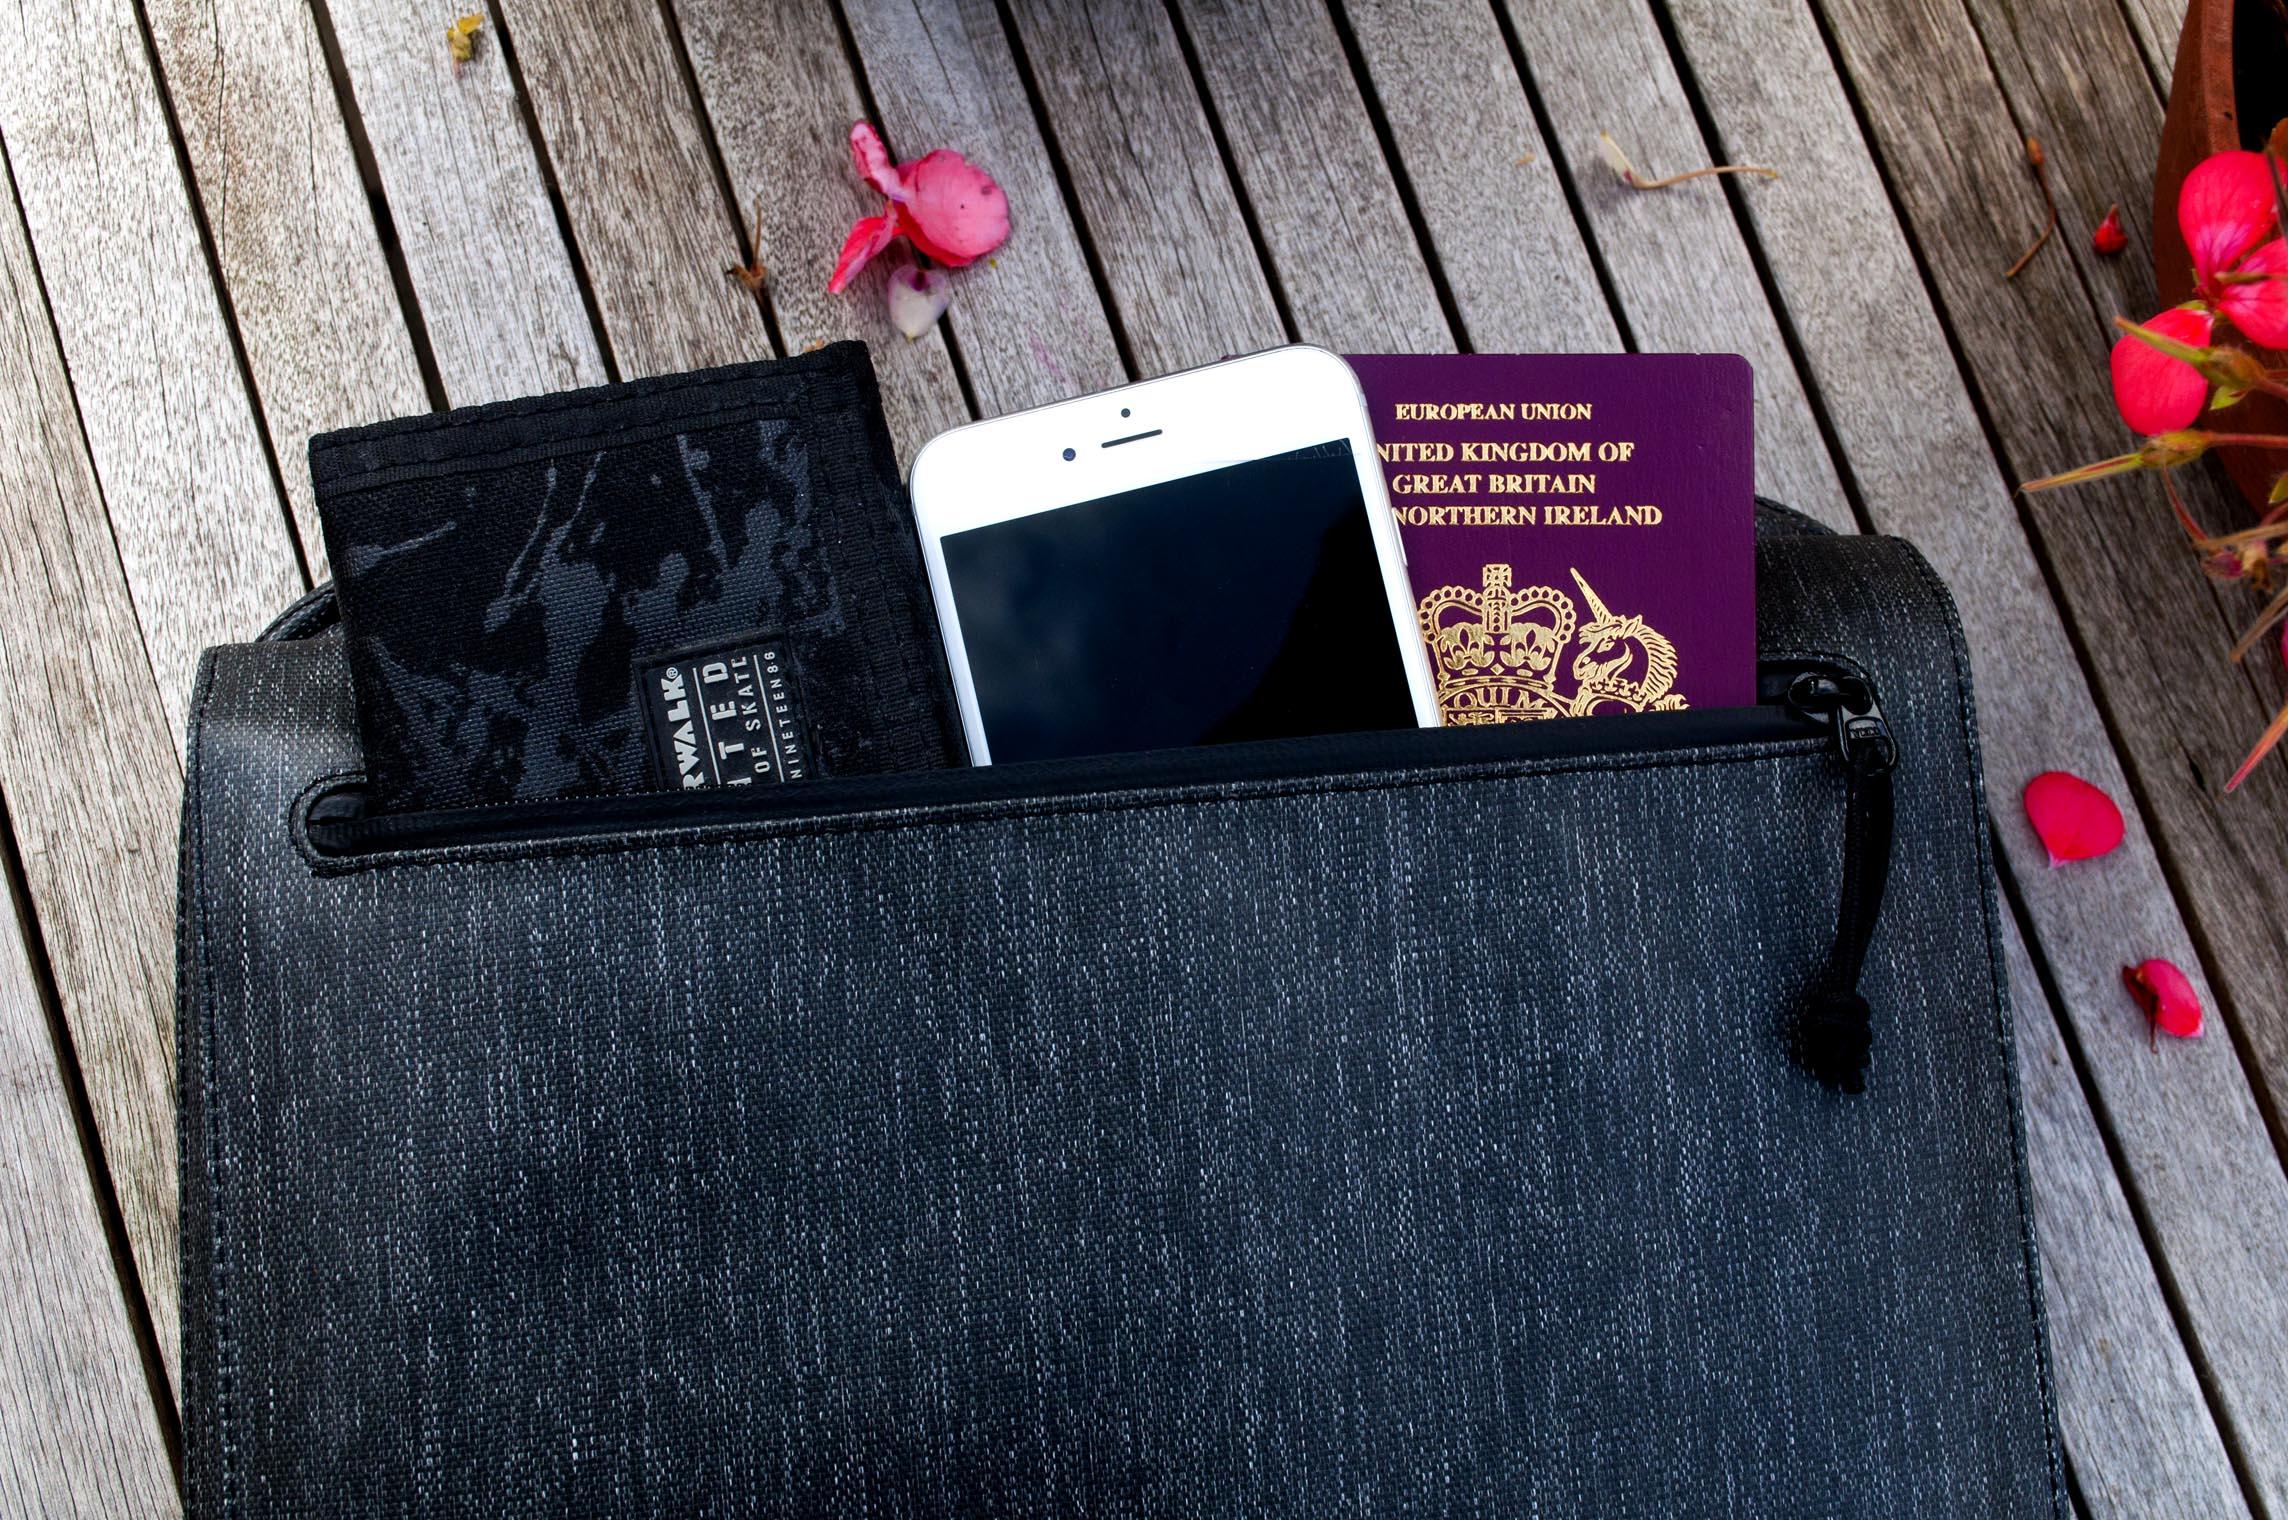 Etchr Front Pocket Holding Items.jpg